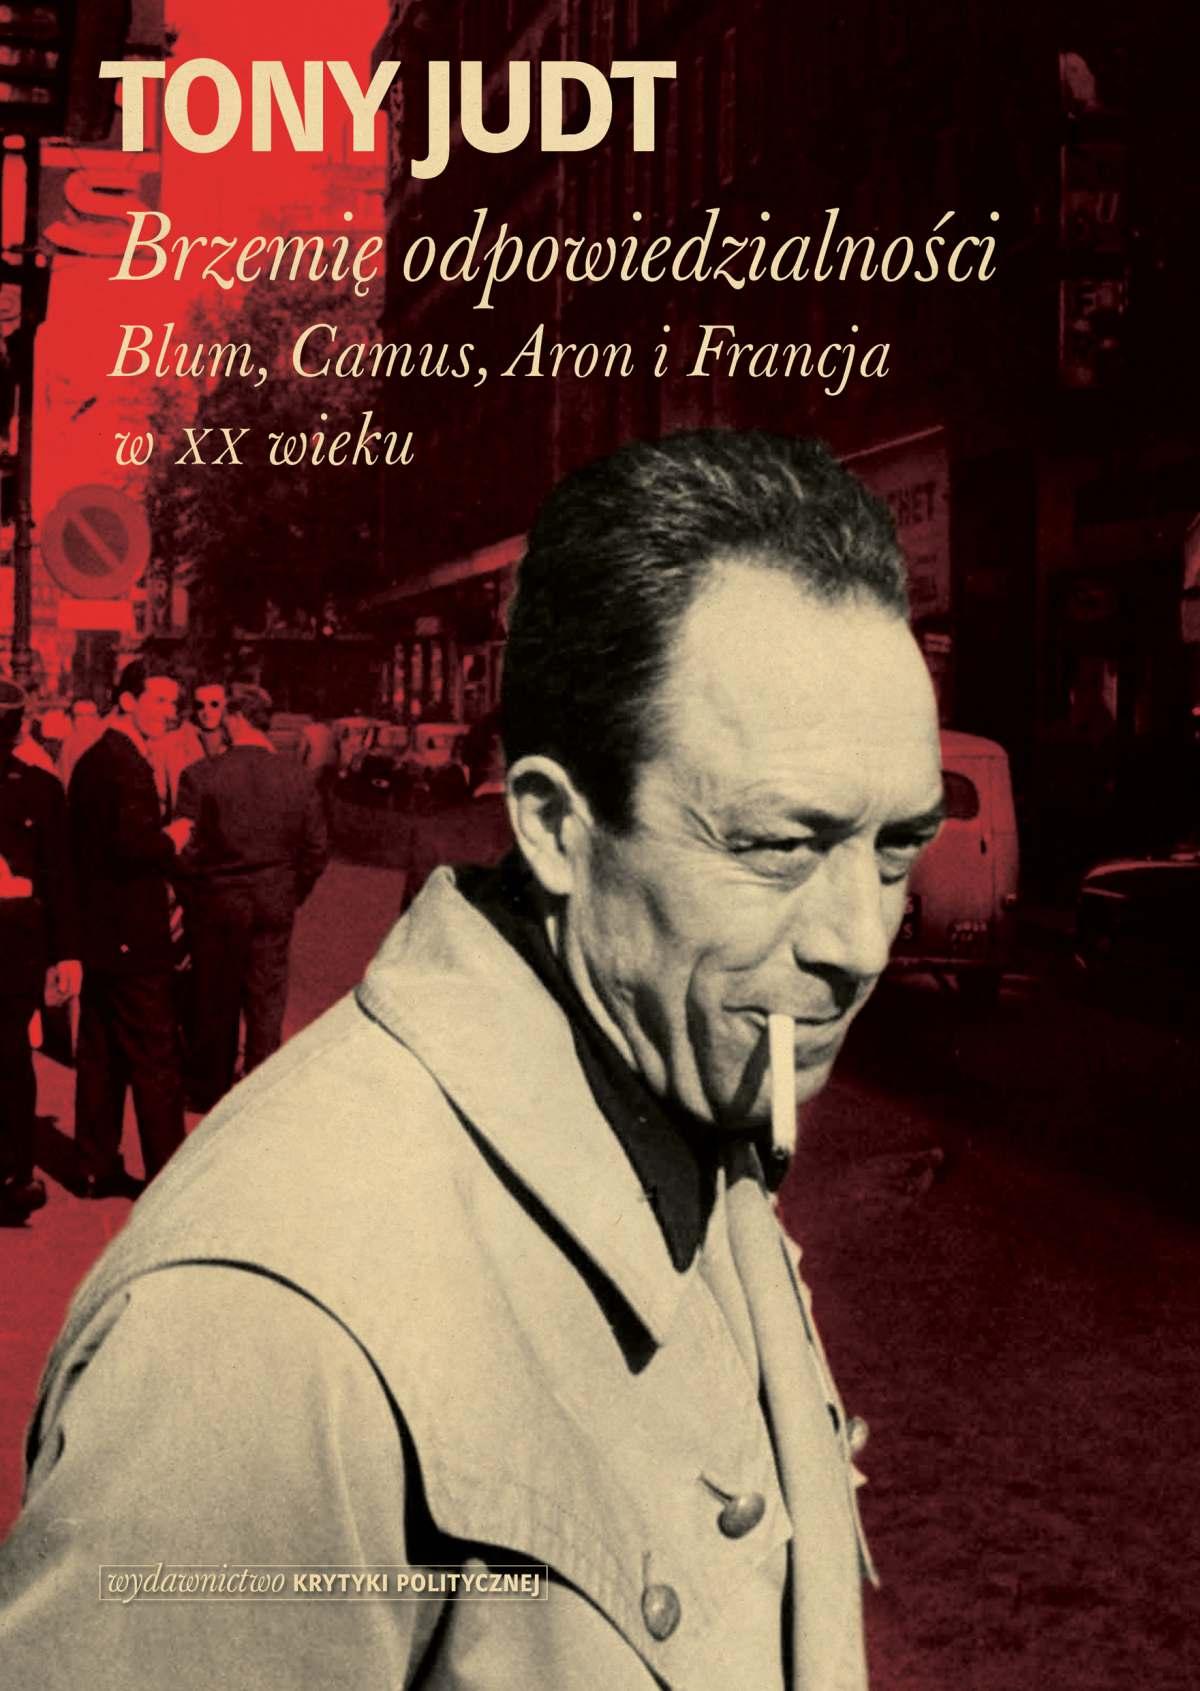 Brzemię odpowiedzialności: Blum, Camus, Aron, i francuski wiek dwudziesty - Ebook (Książka EPUB) do pobrania w formacie EPUB